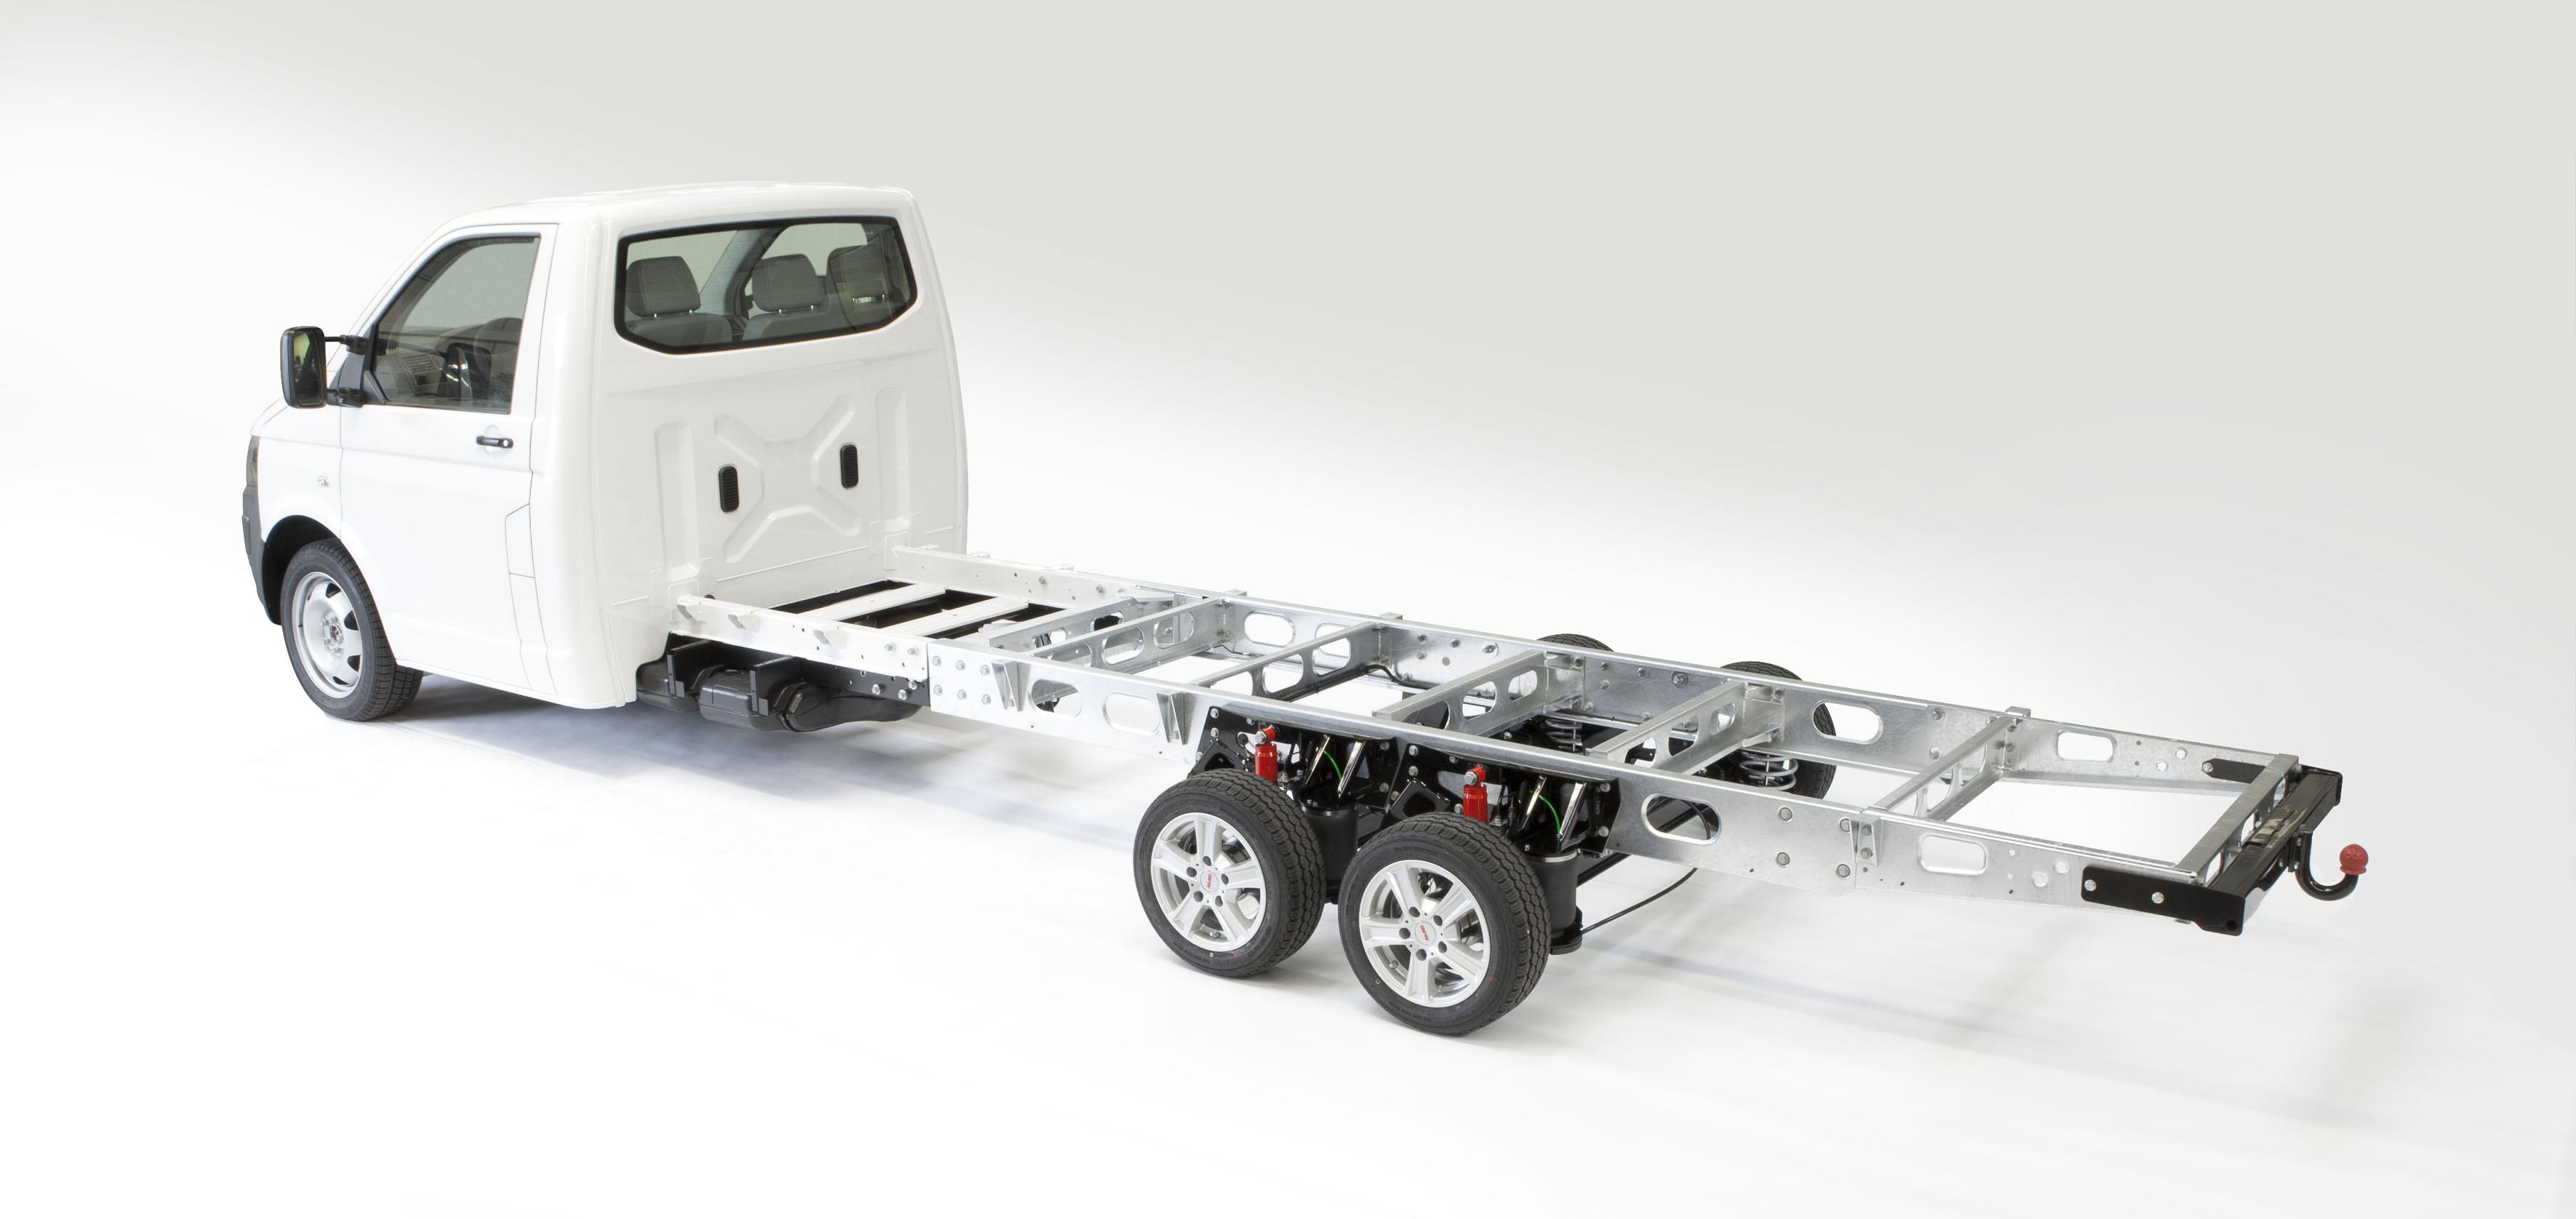 Immer mehr Transporter profitieren von variablen AL-KO Chassis ...